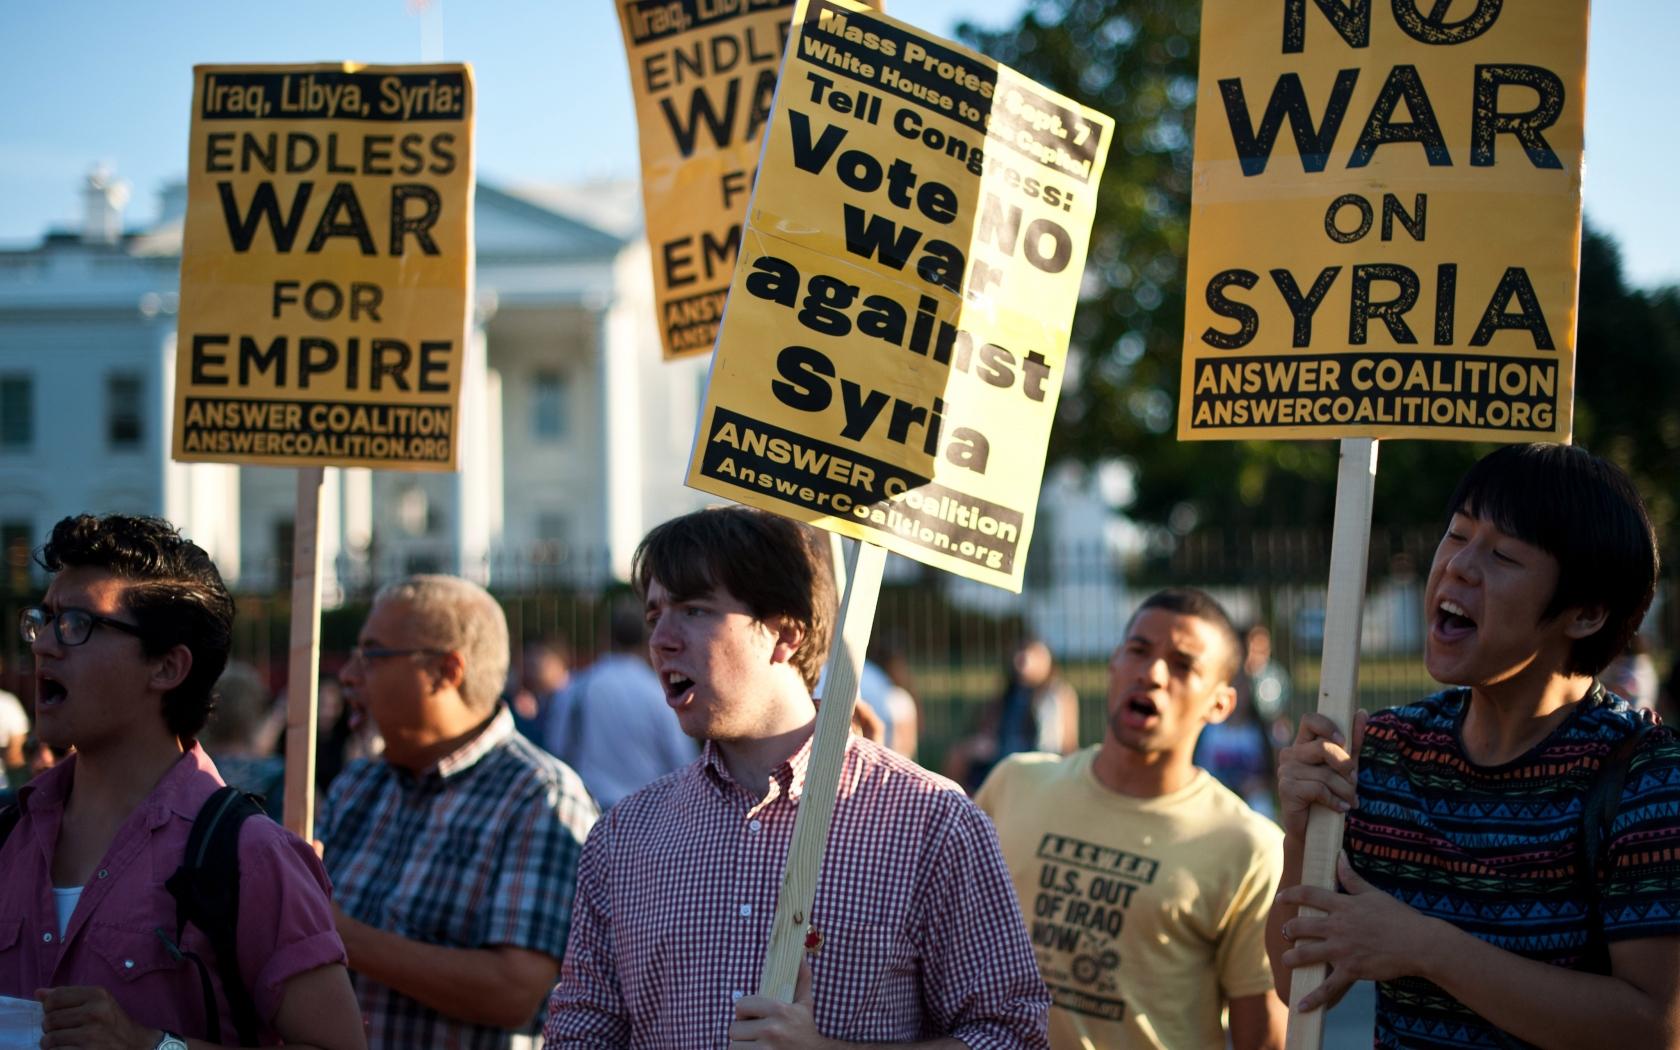 No a la guerra con Siria - 1680x1050